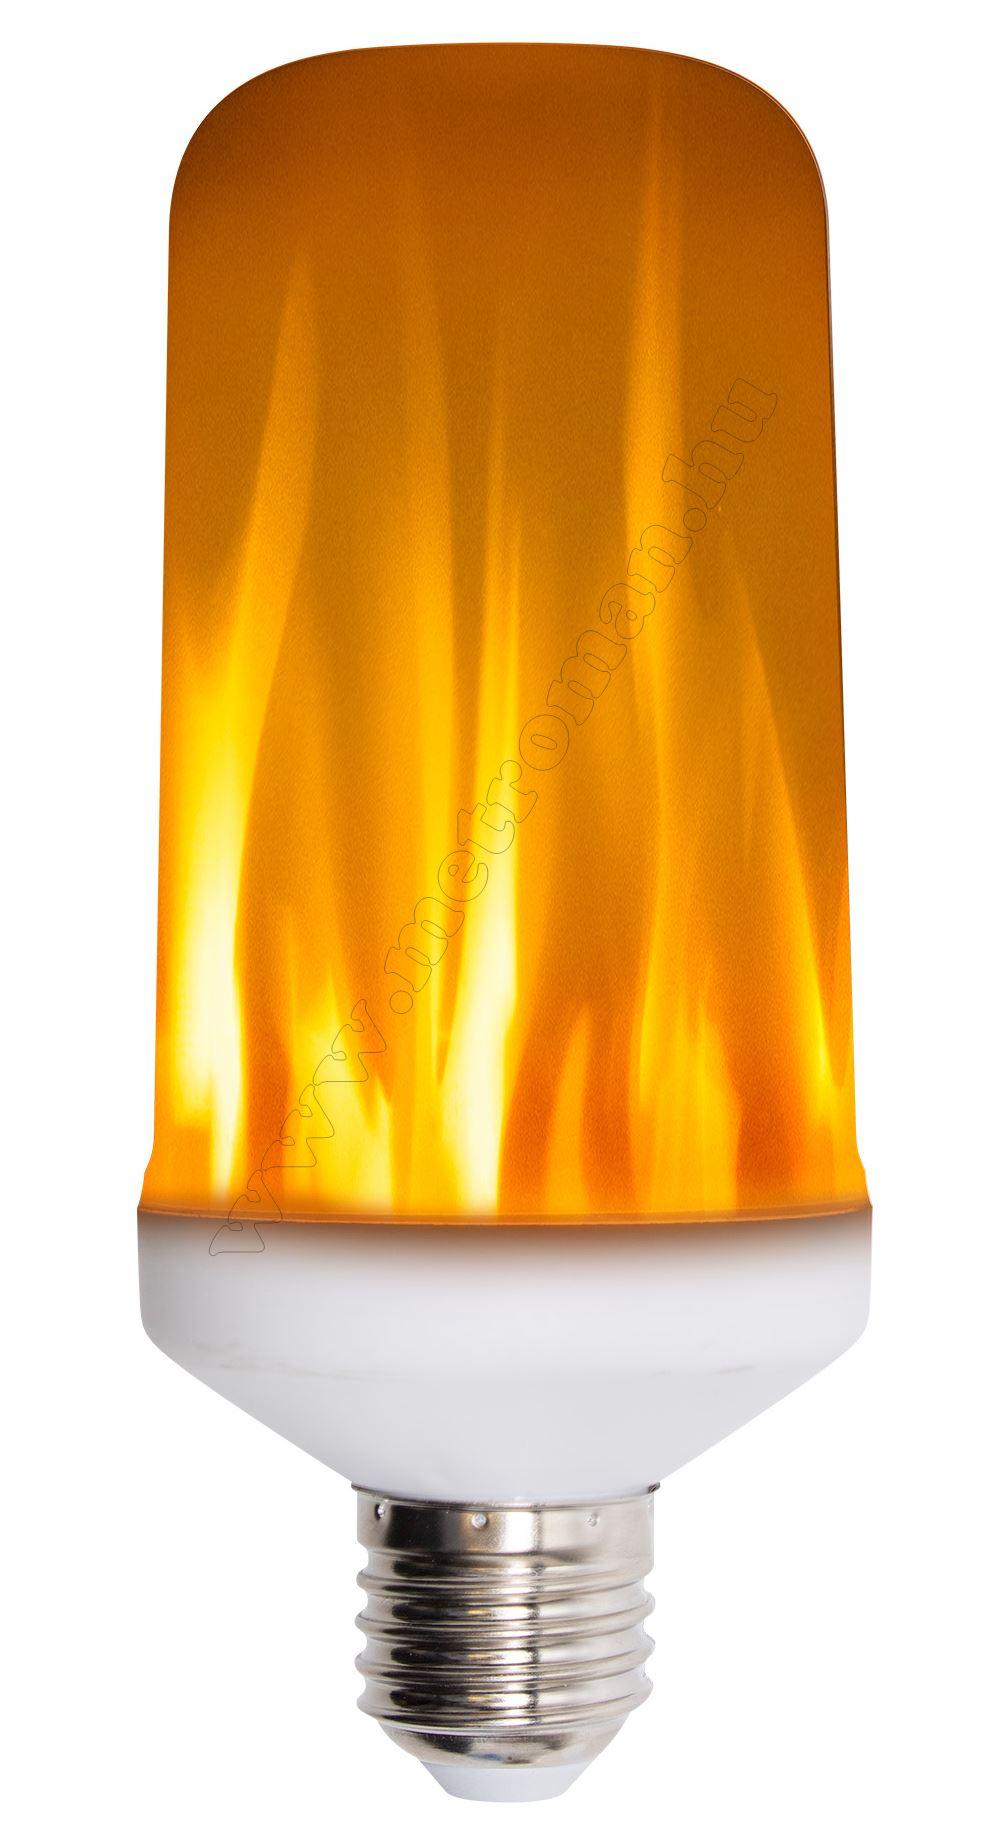 Fáklyaláng hangulat világítás LED izzó LF5/27